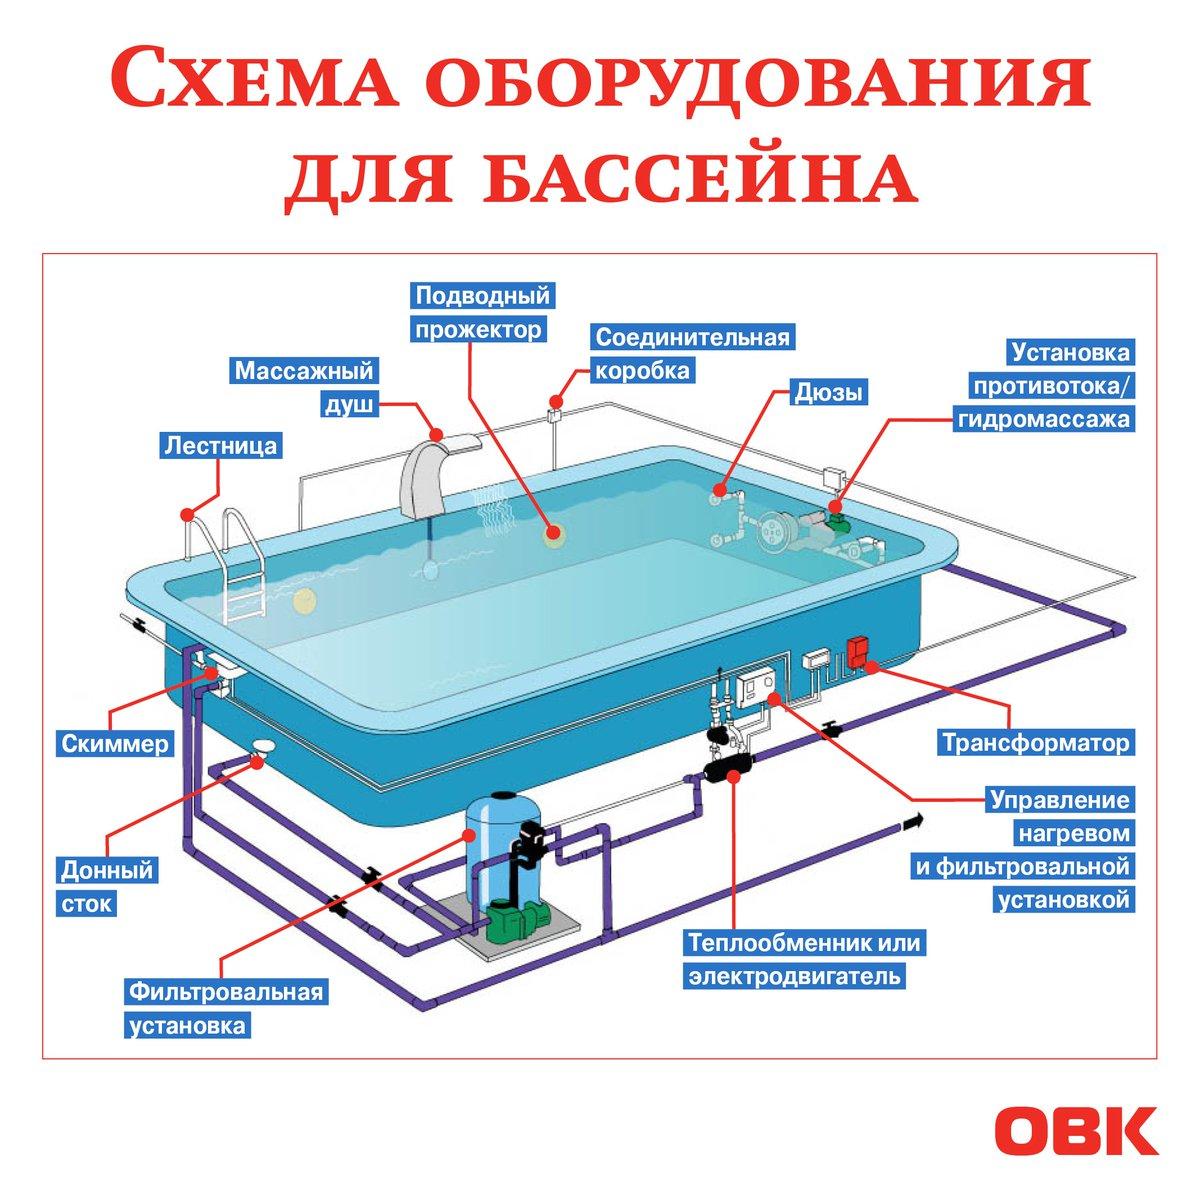 Бассейновое оборудование схема